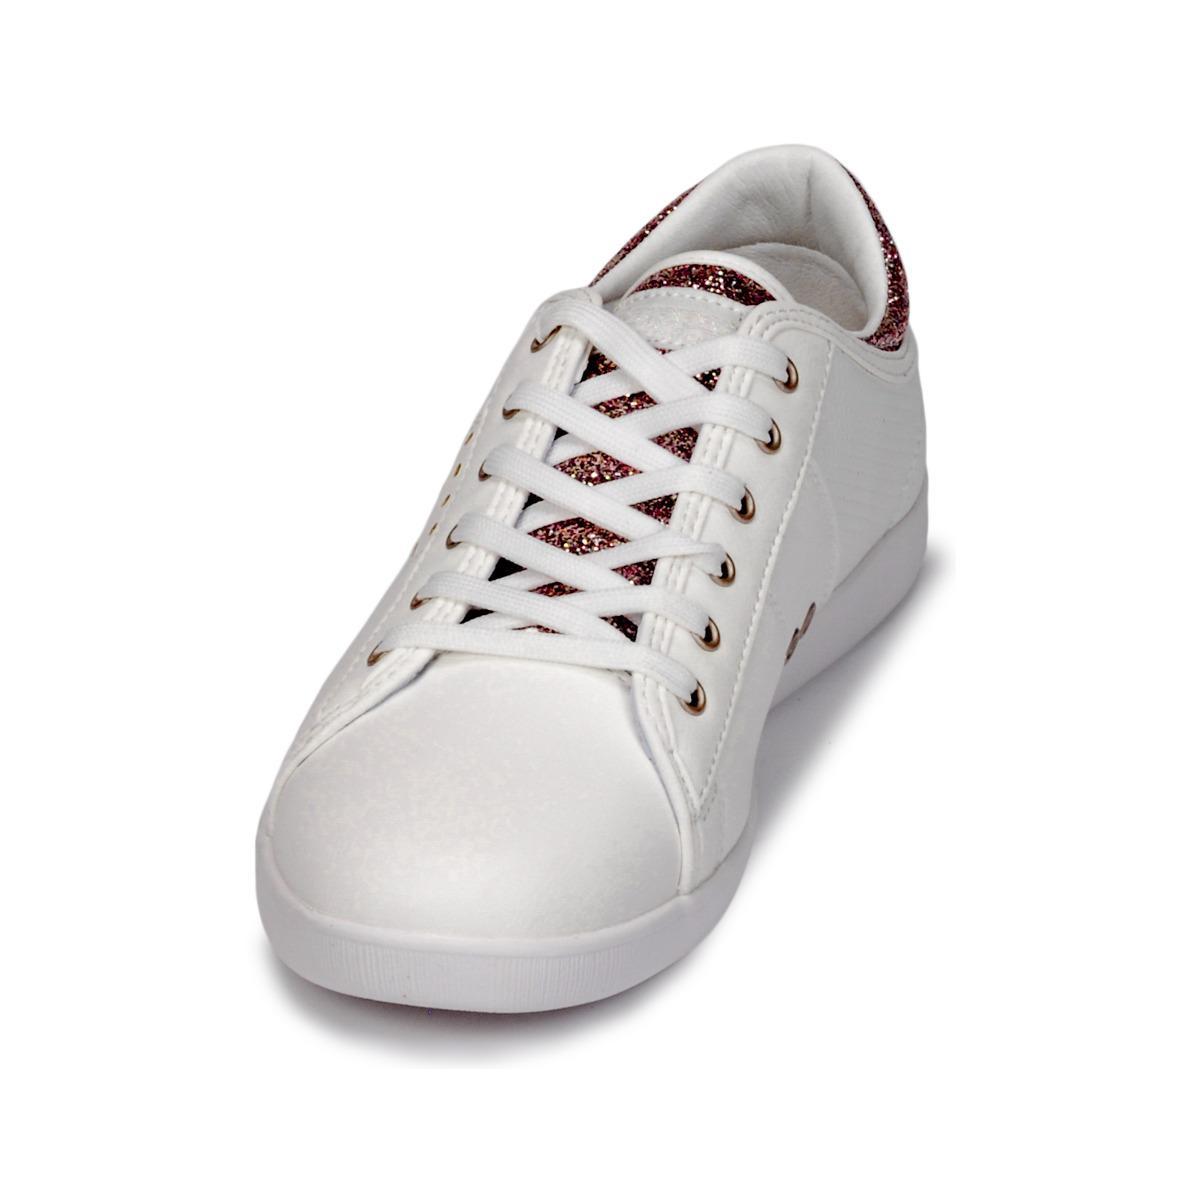 Kappa Lamaze White Kappa White Kappa Lyst Lyst ShoestrainersIn Lamaze ShoestrainersIn 5RLA4j